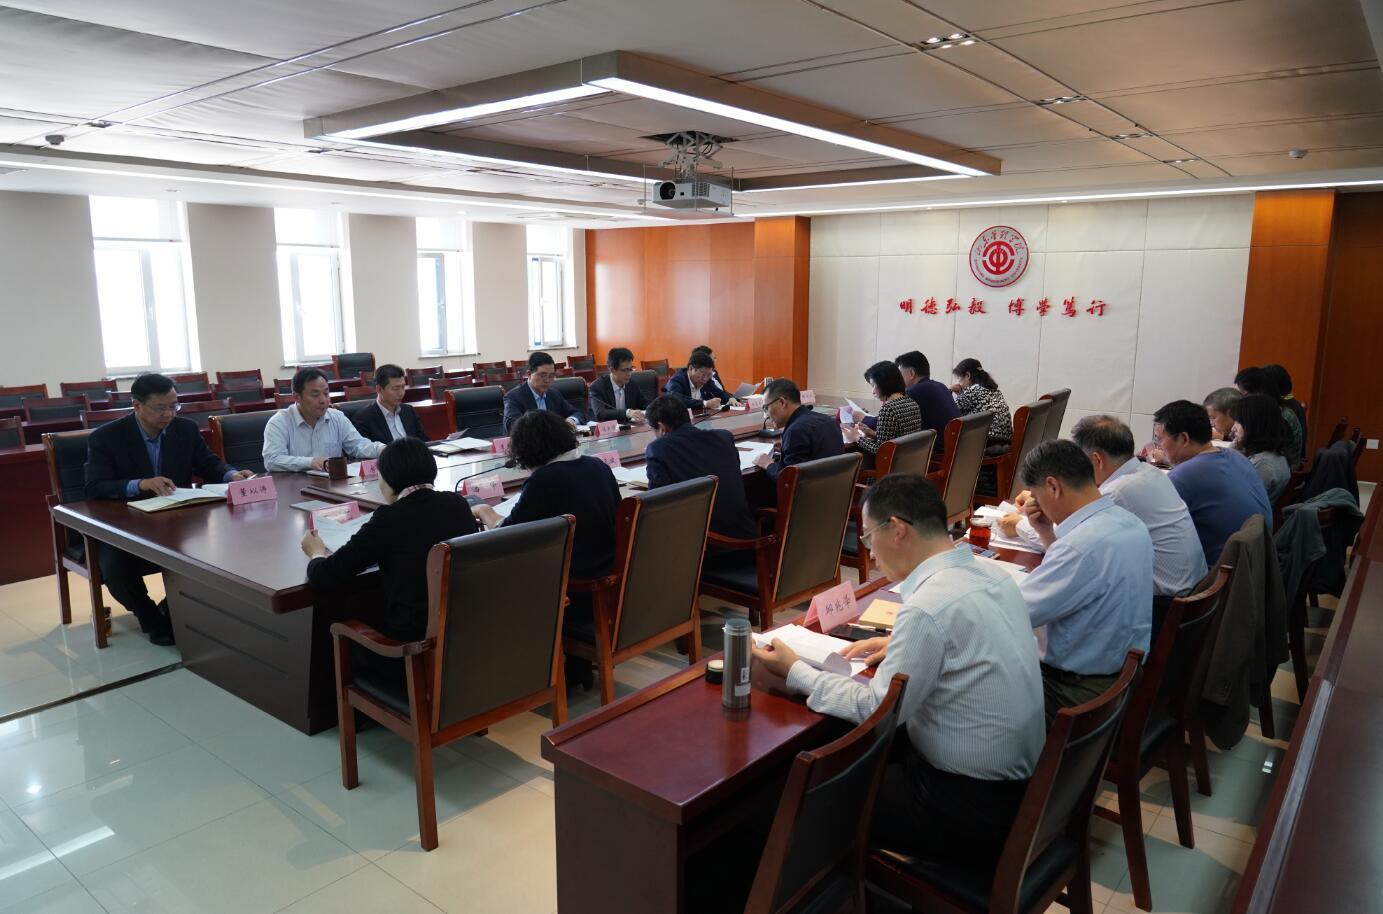 山东钱柜娱乐手机版管理学院党委理论学习中心组举行扩大学习